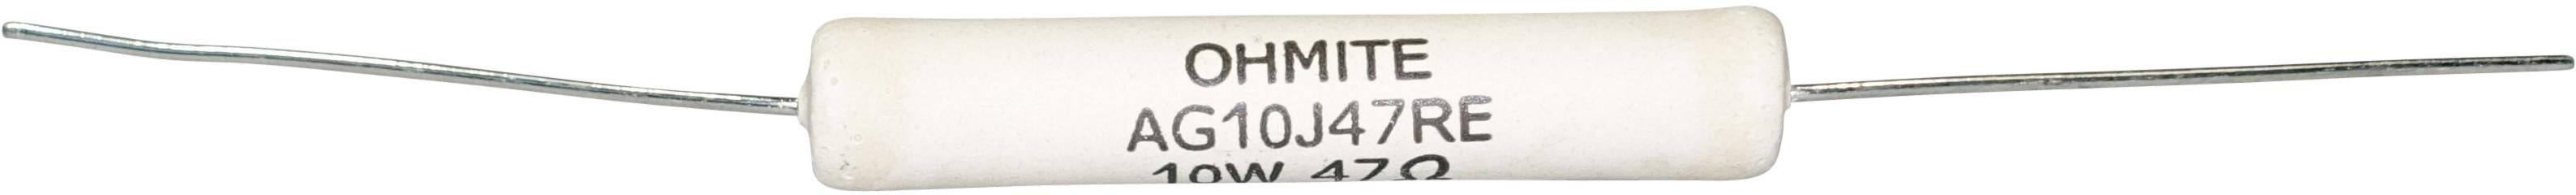 Ohmite Audio Gold 10W - 1,2 Ohm